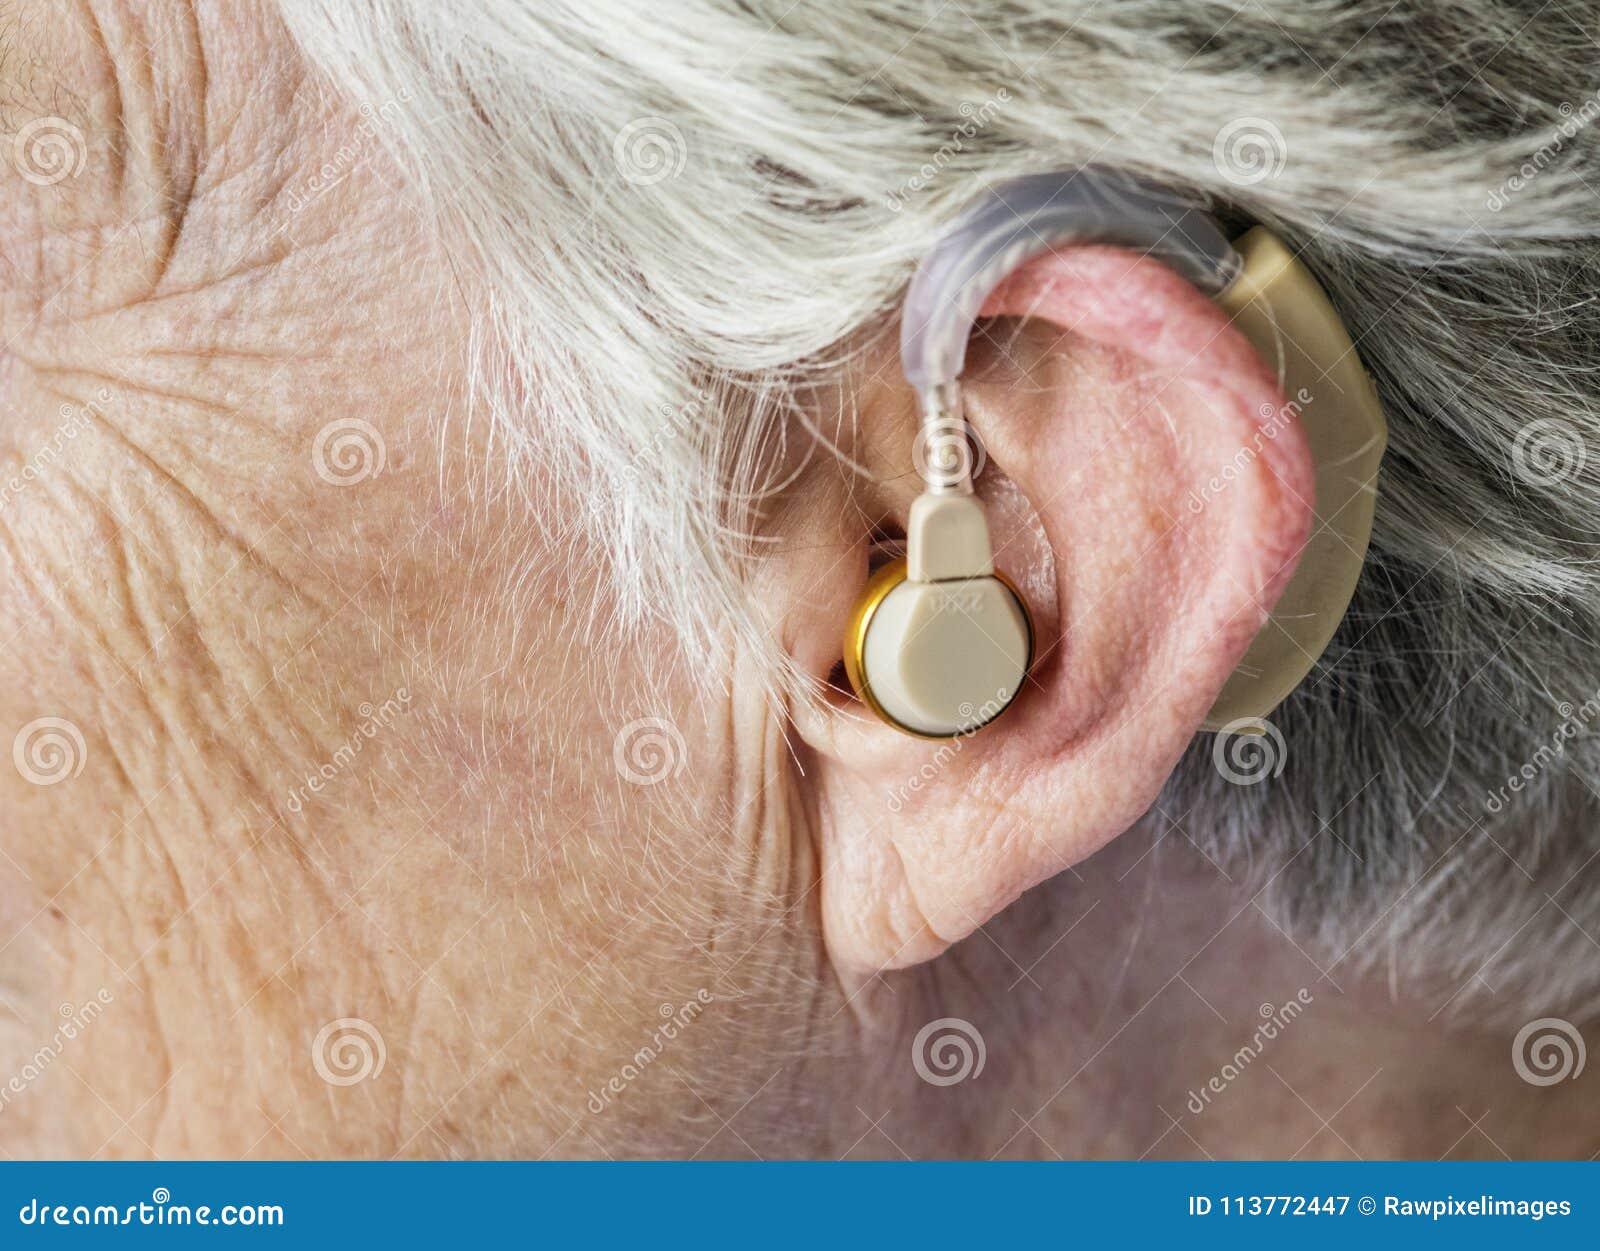 Äldre kvinna som bär en hörapparat